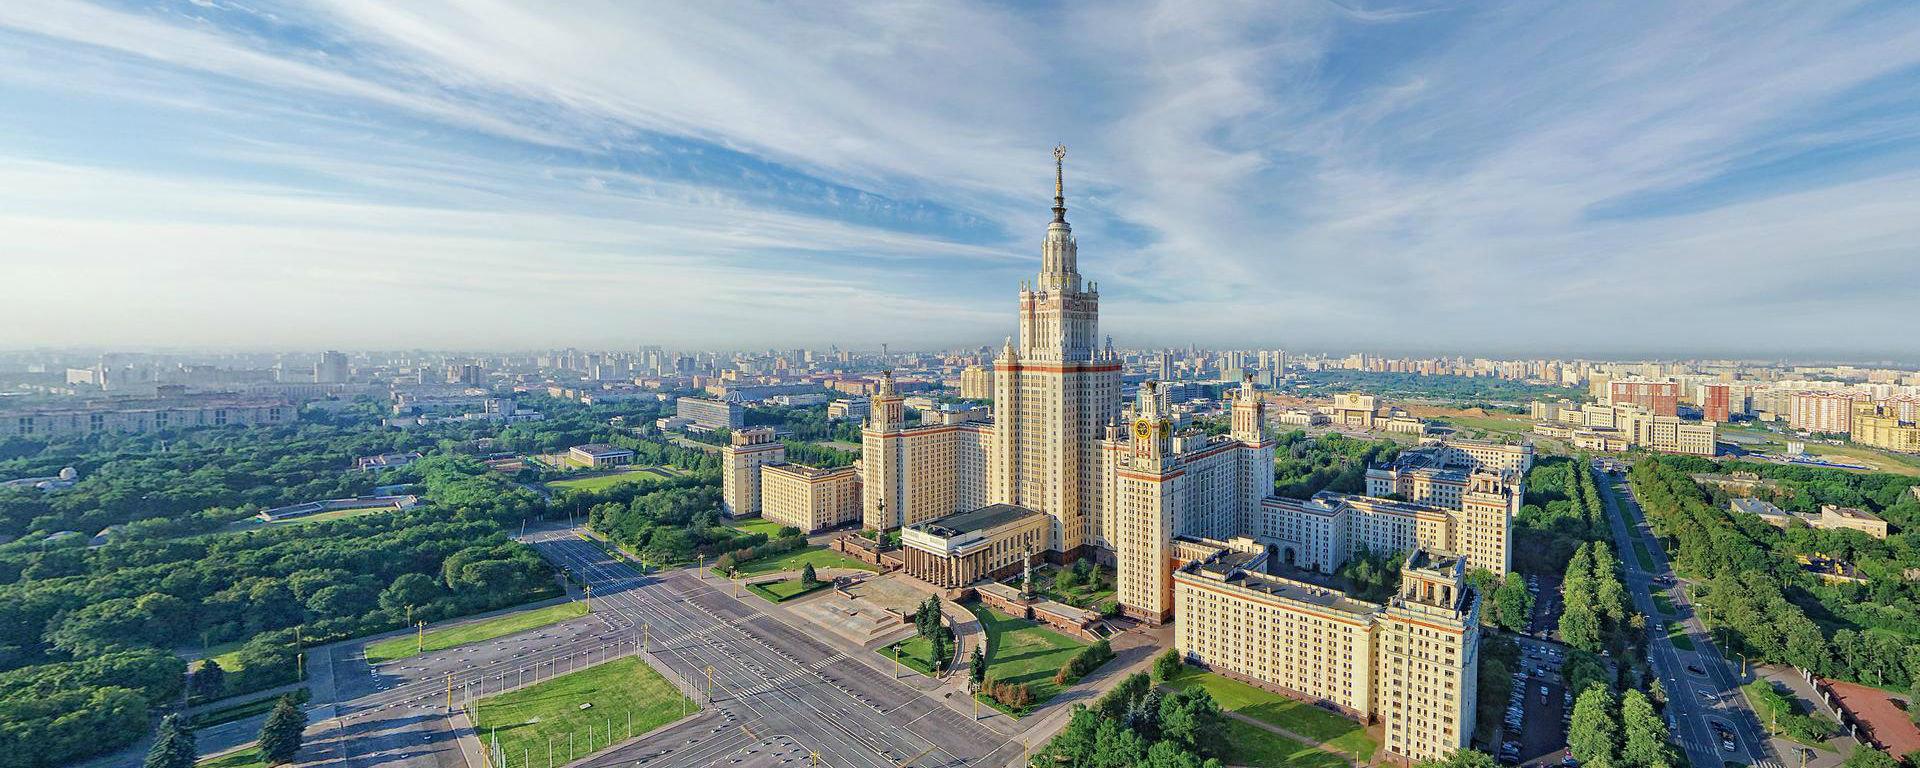 фото московские высотки